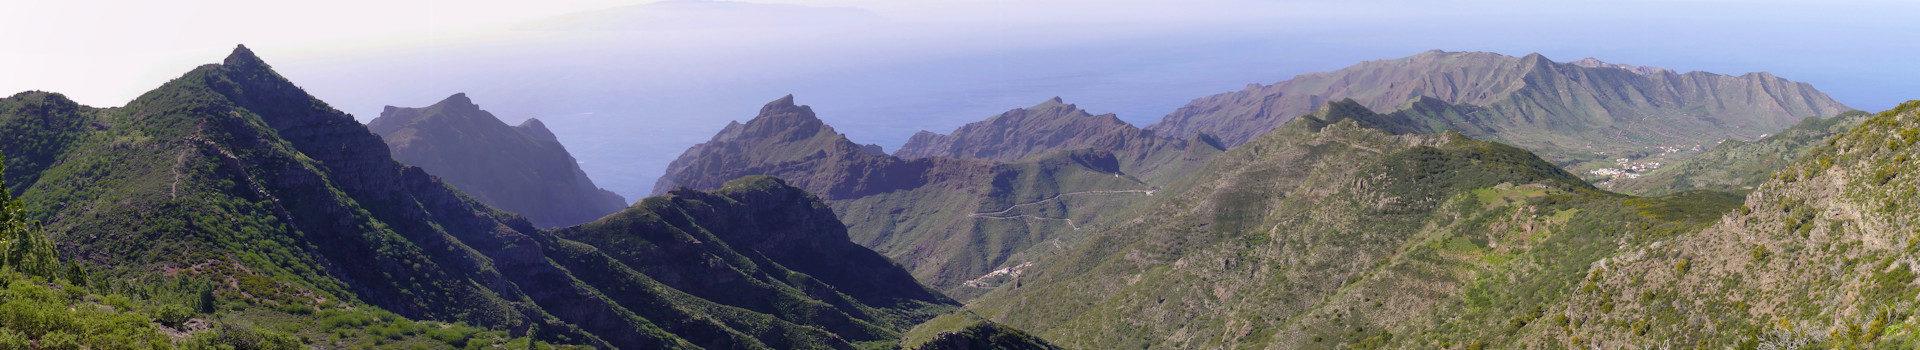 Cruz de Gala – Pico Verde